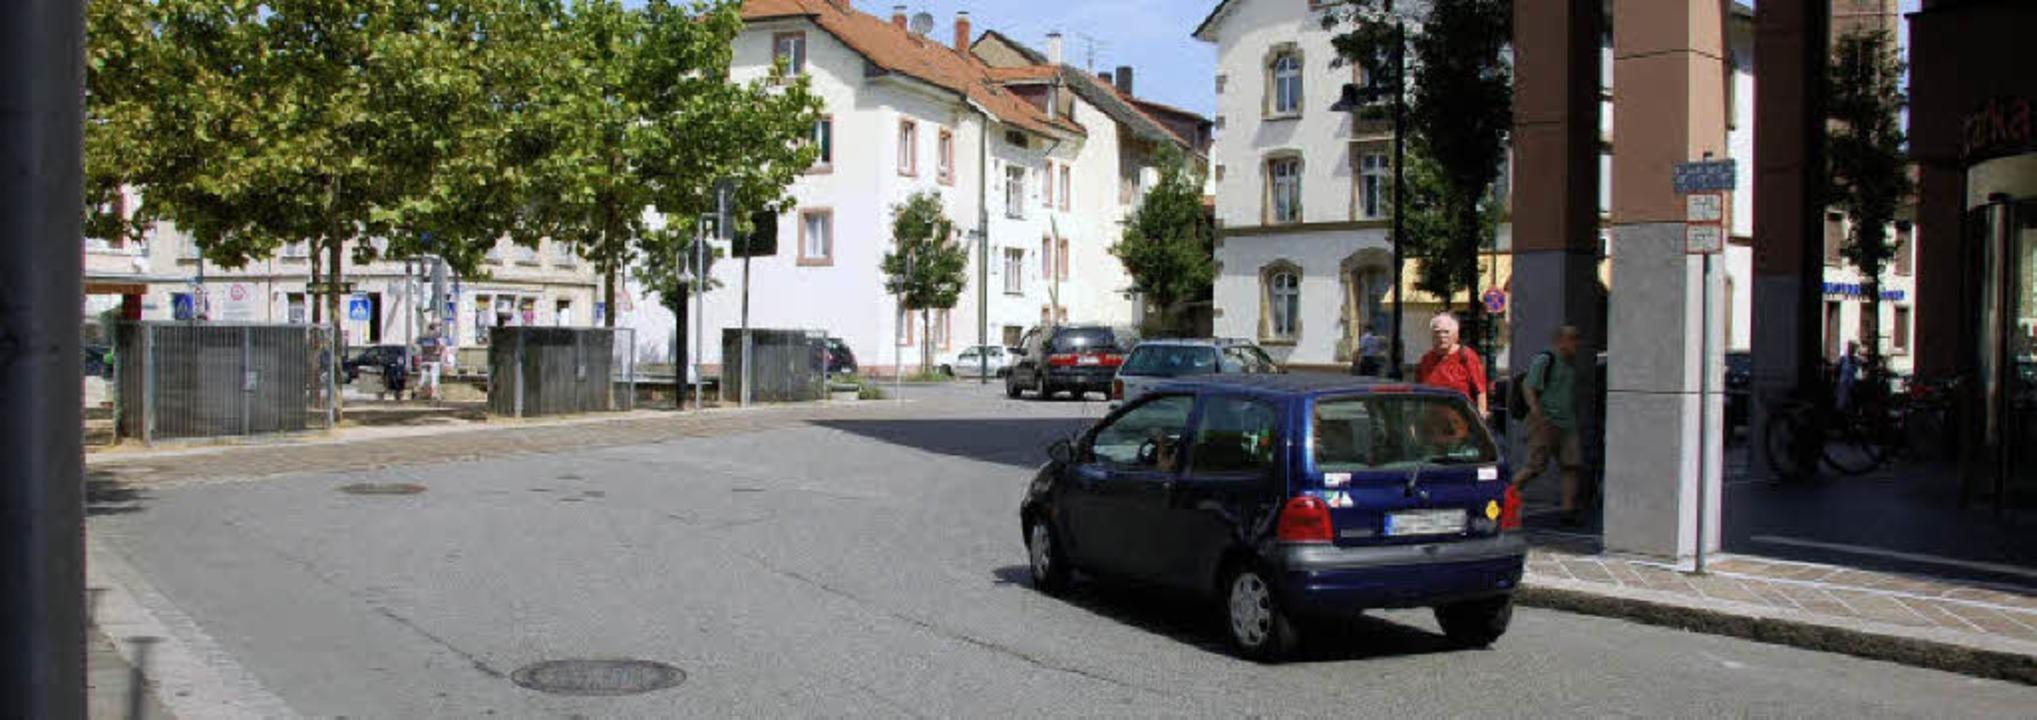 Senigallia-Platz: Hier wird sich künft...ch Norden durch die Tumringer Straße.     Foto: Nikolaus Trenz